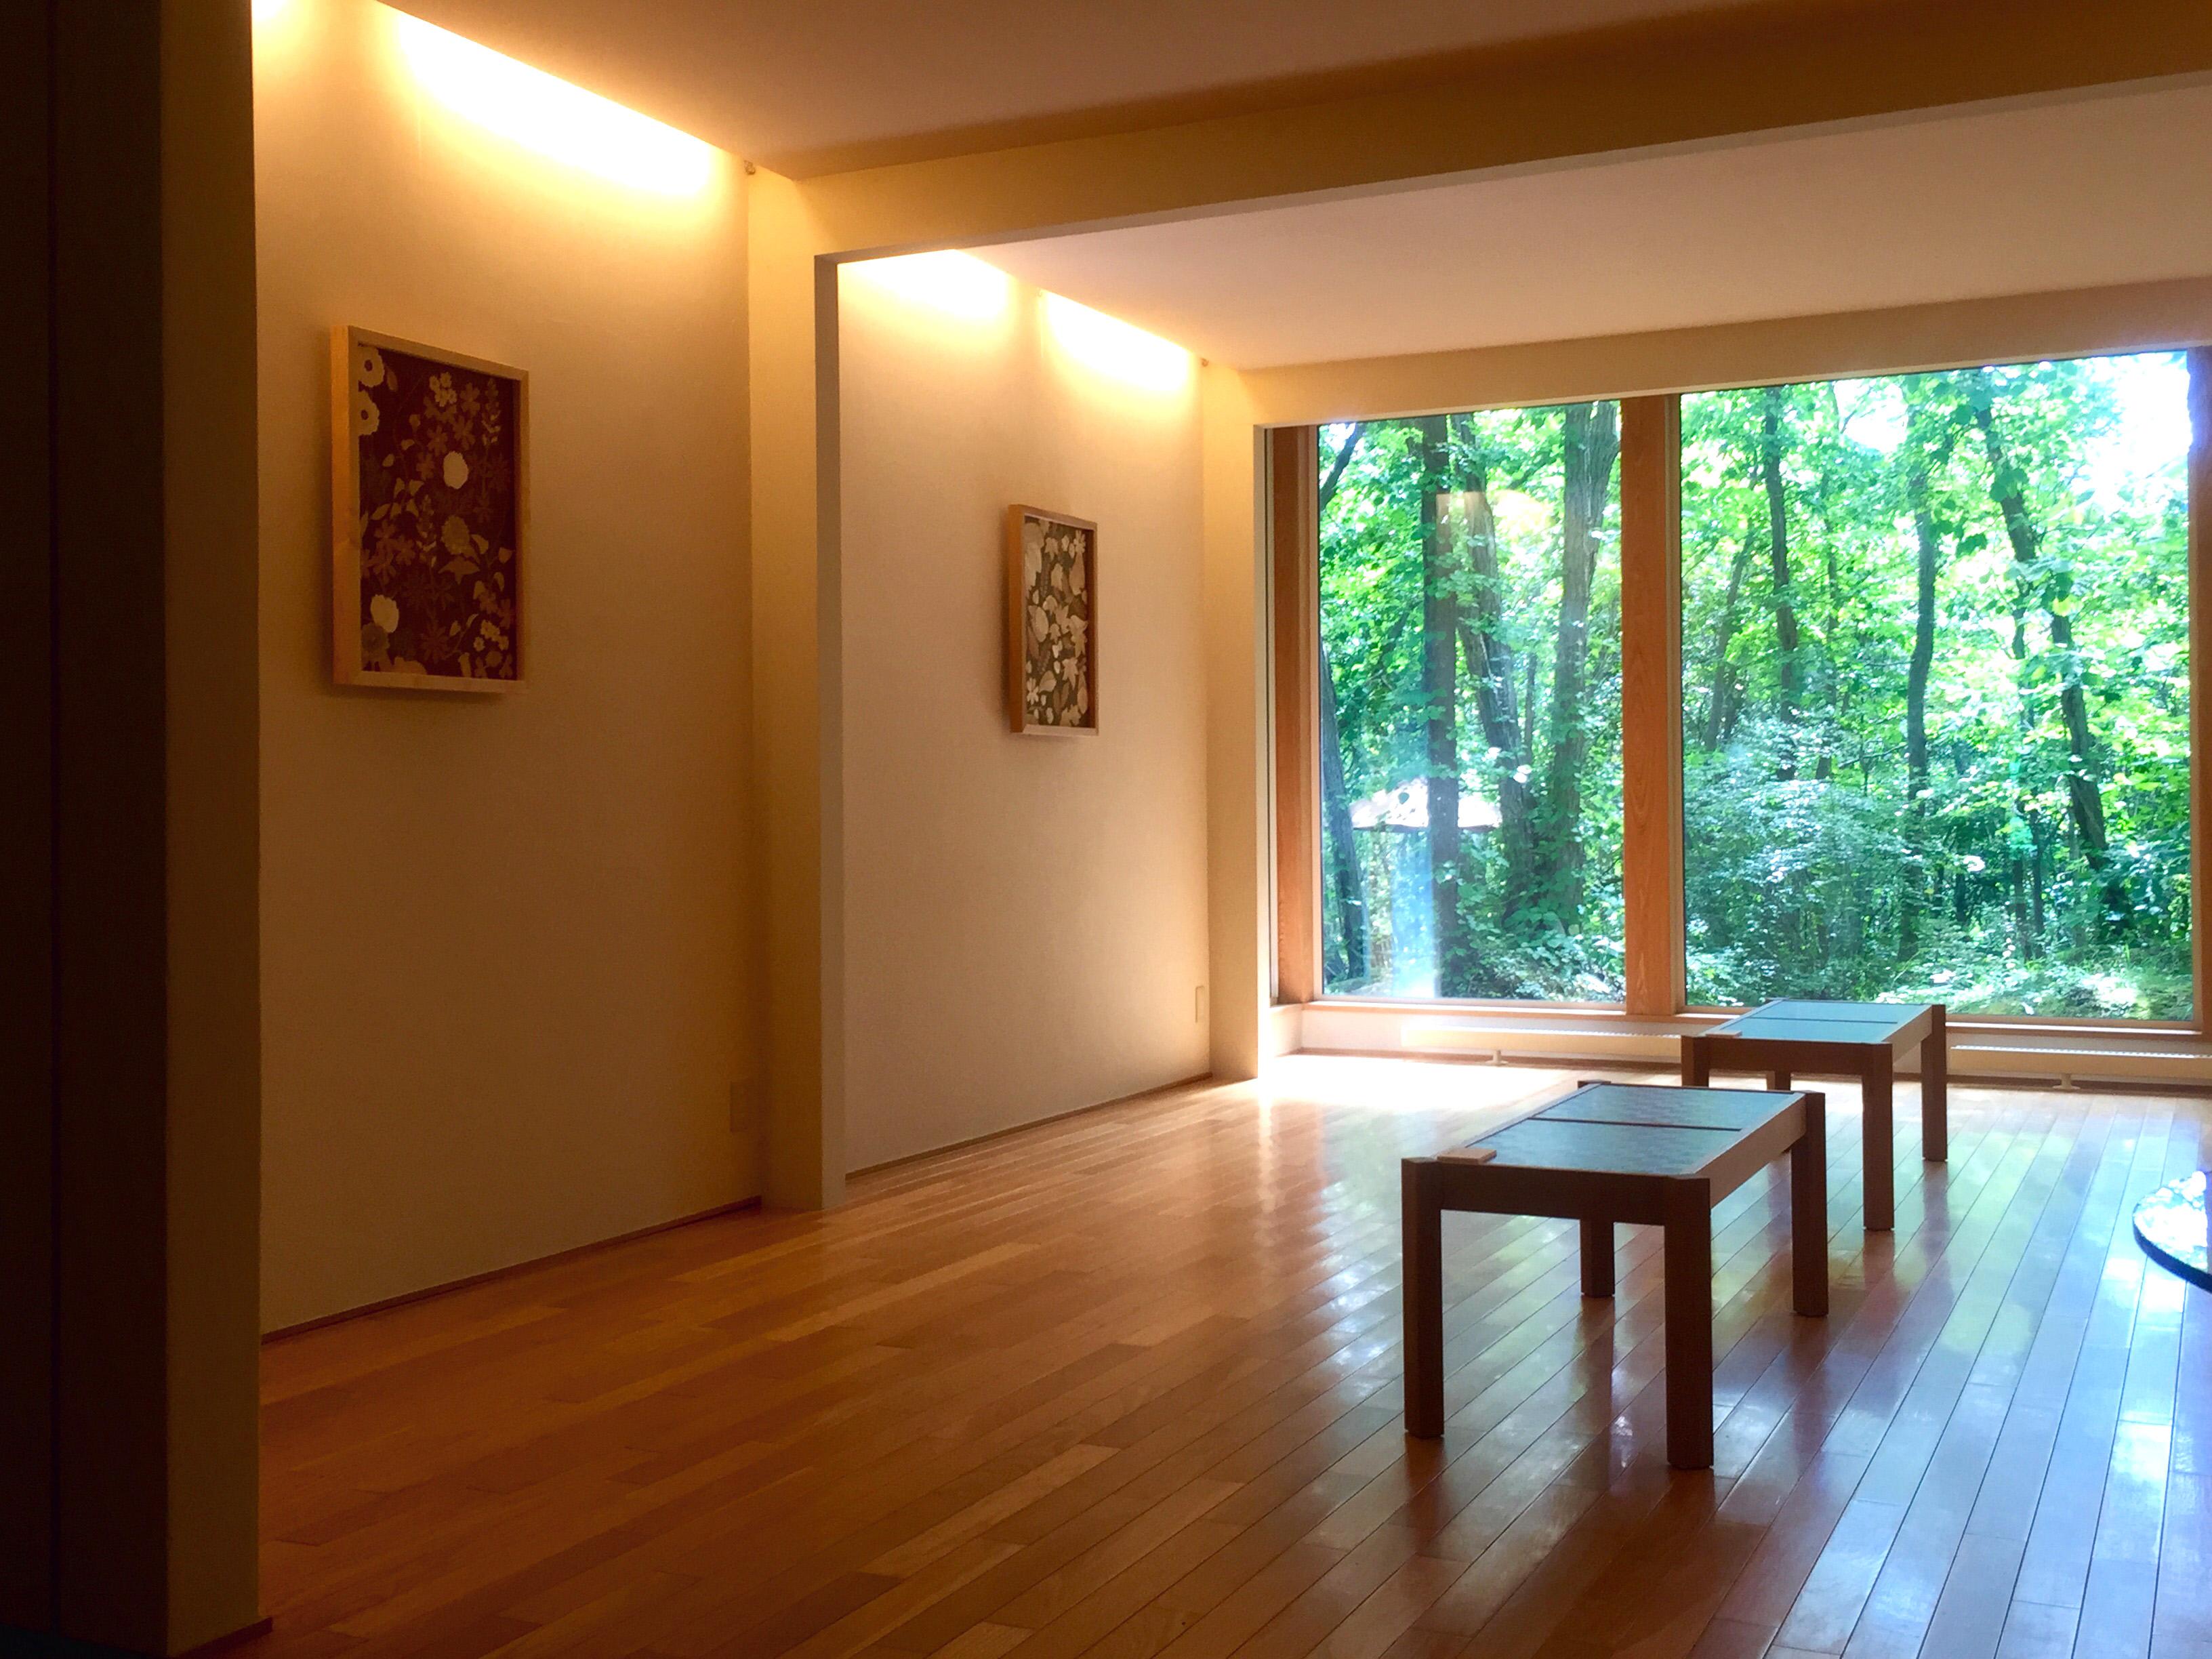 黒い森美術館展示風景